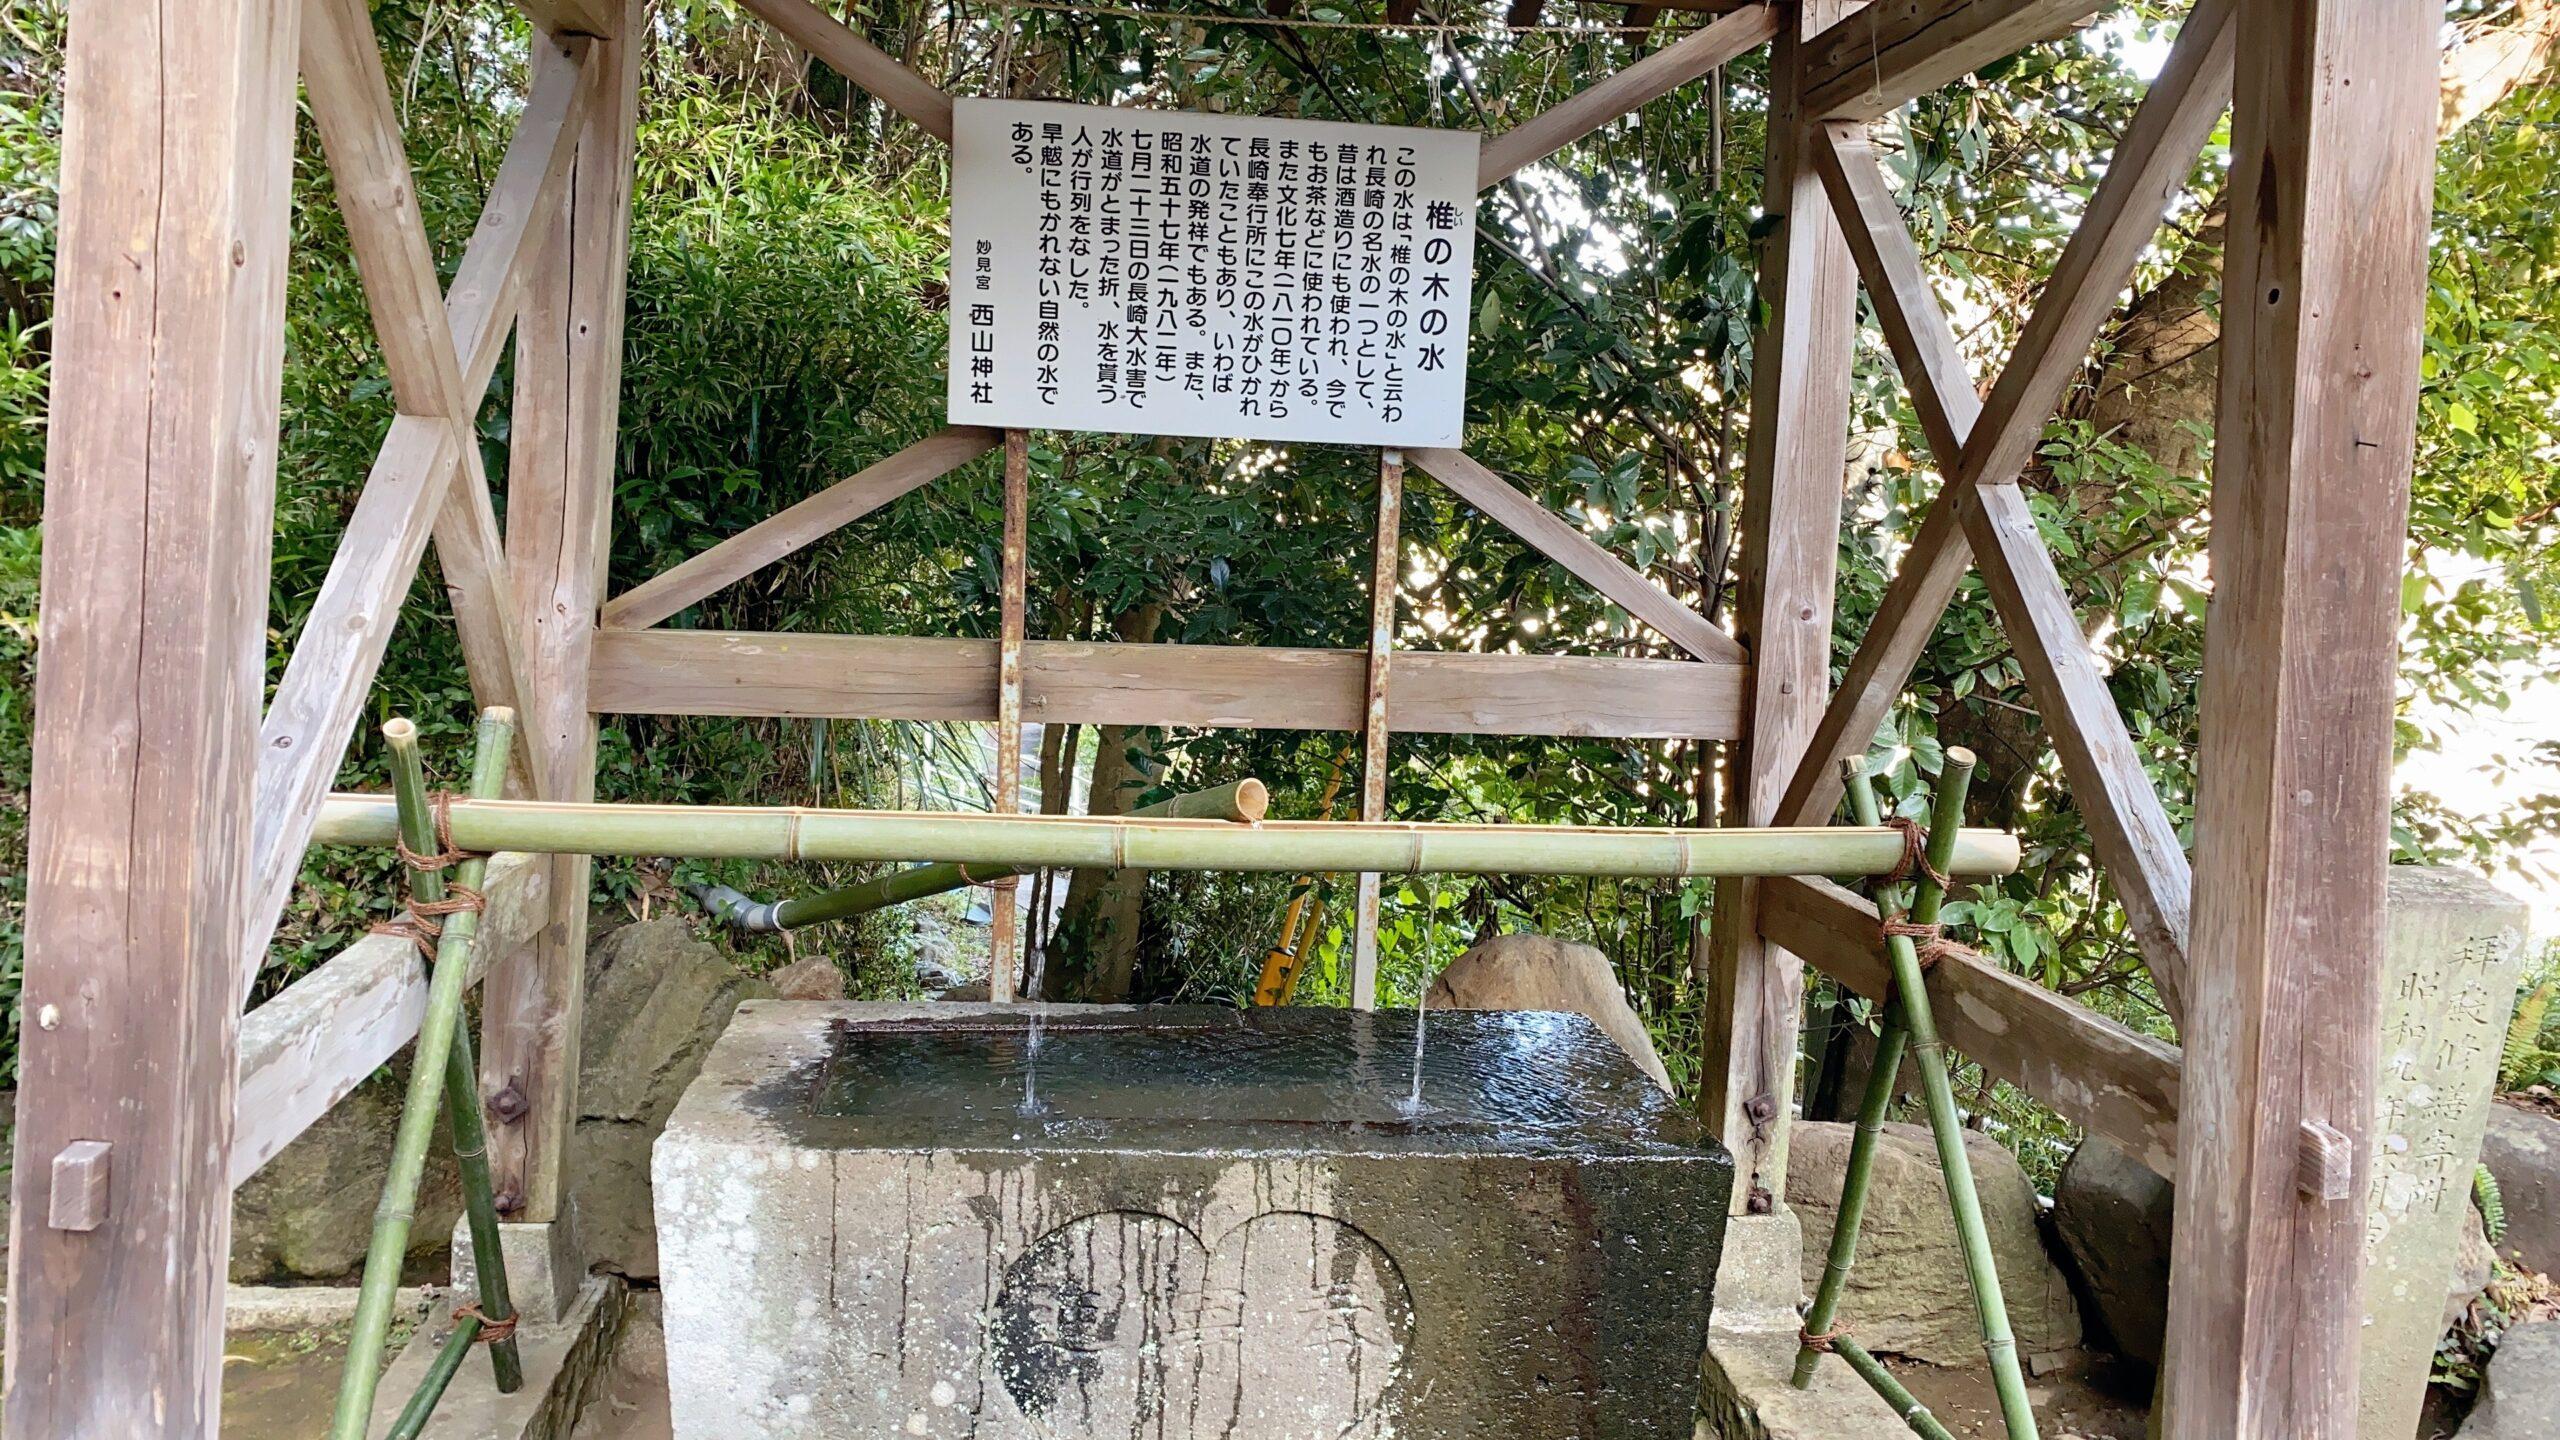 西山神社の椎の木の水